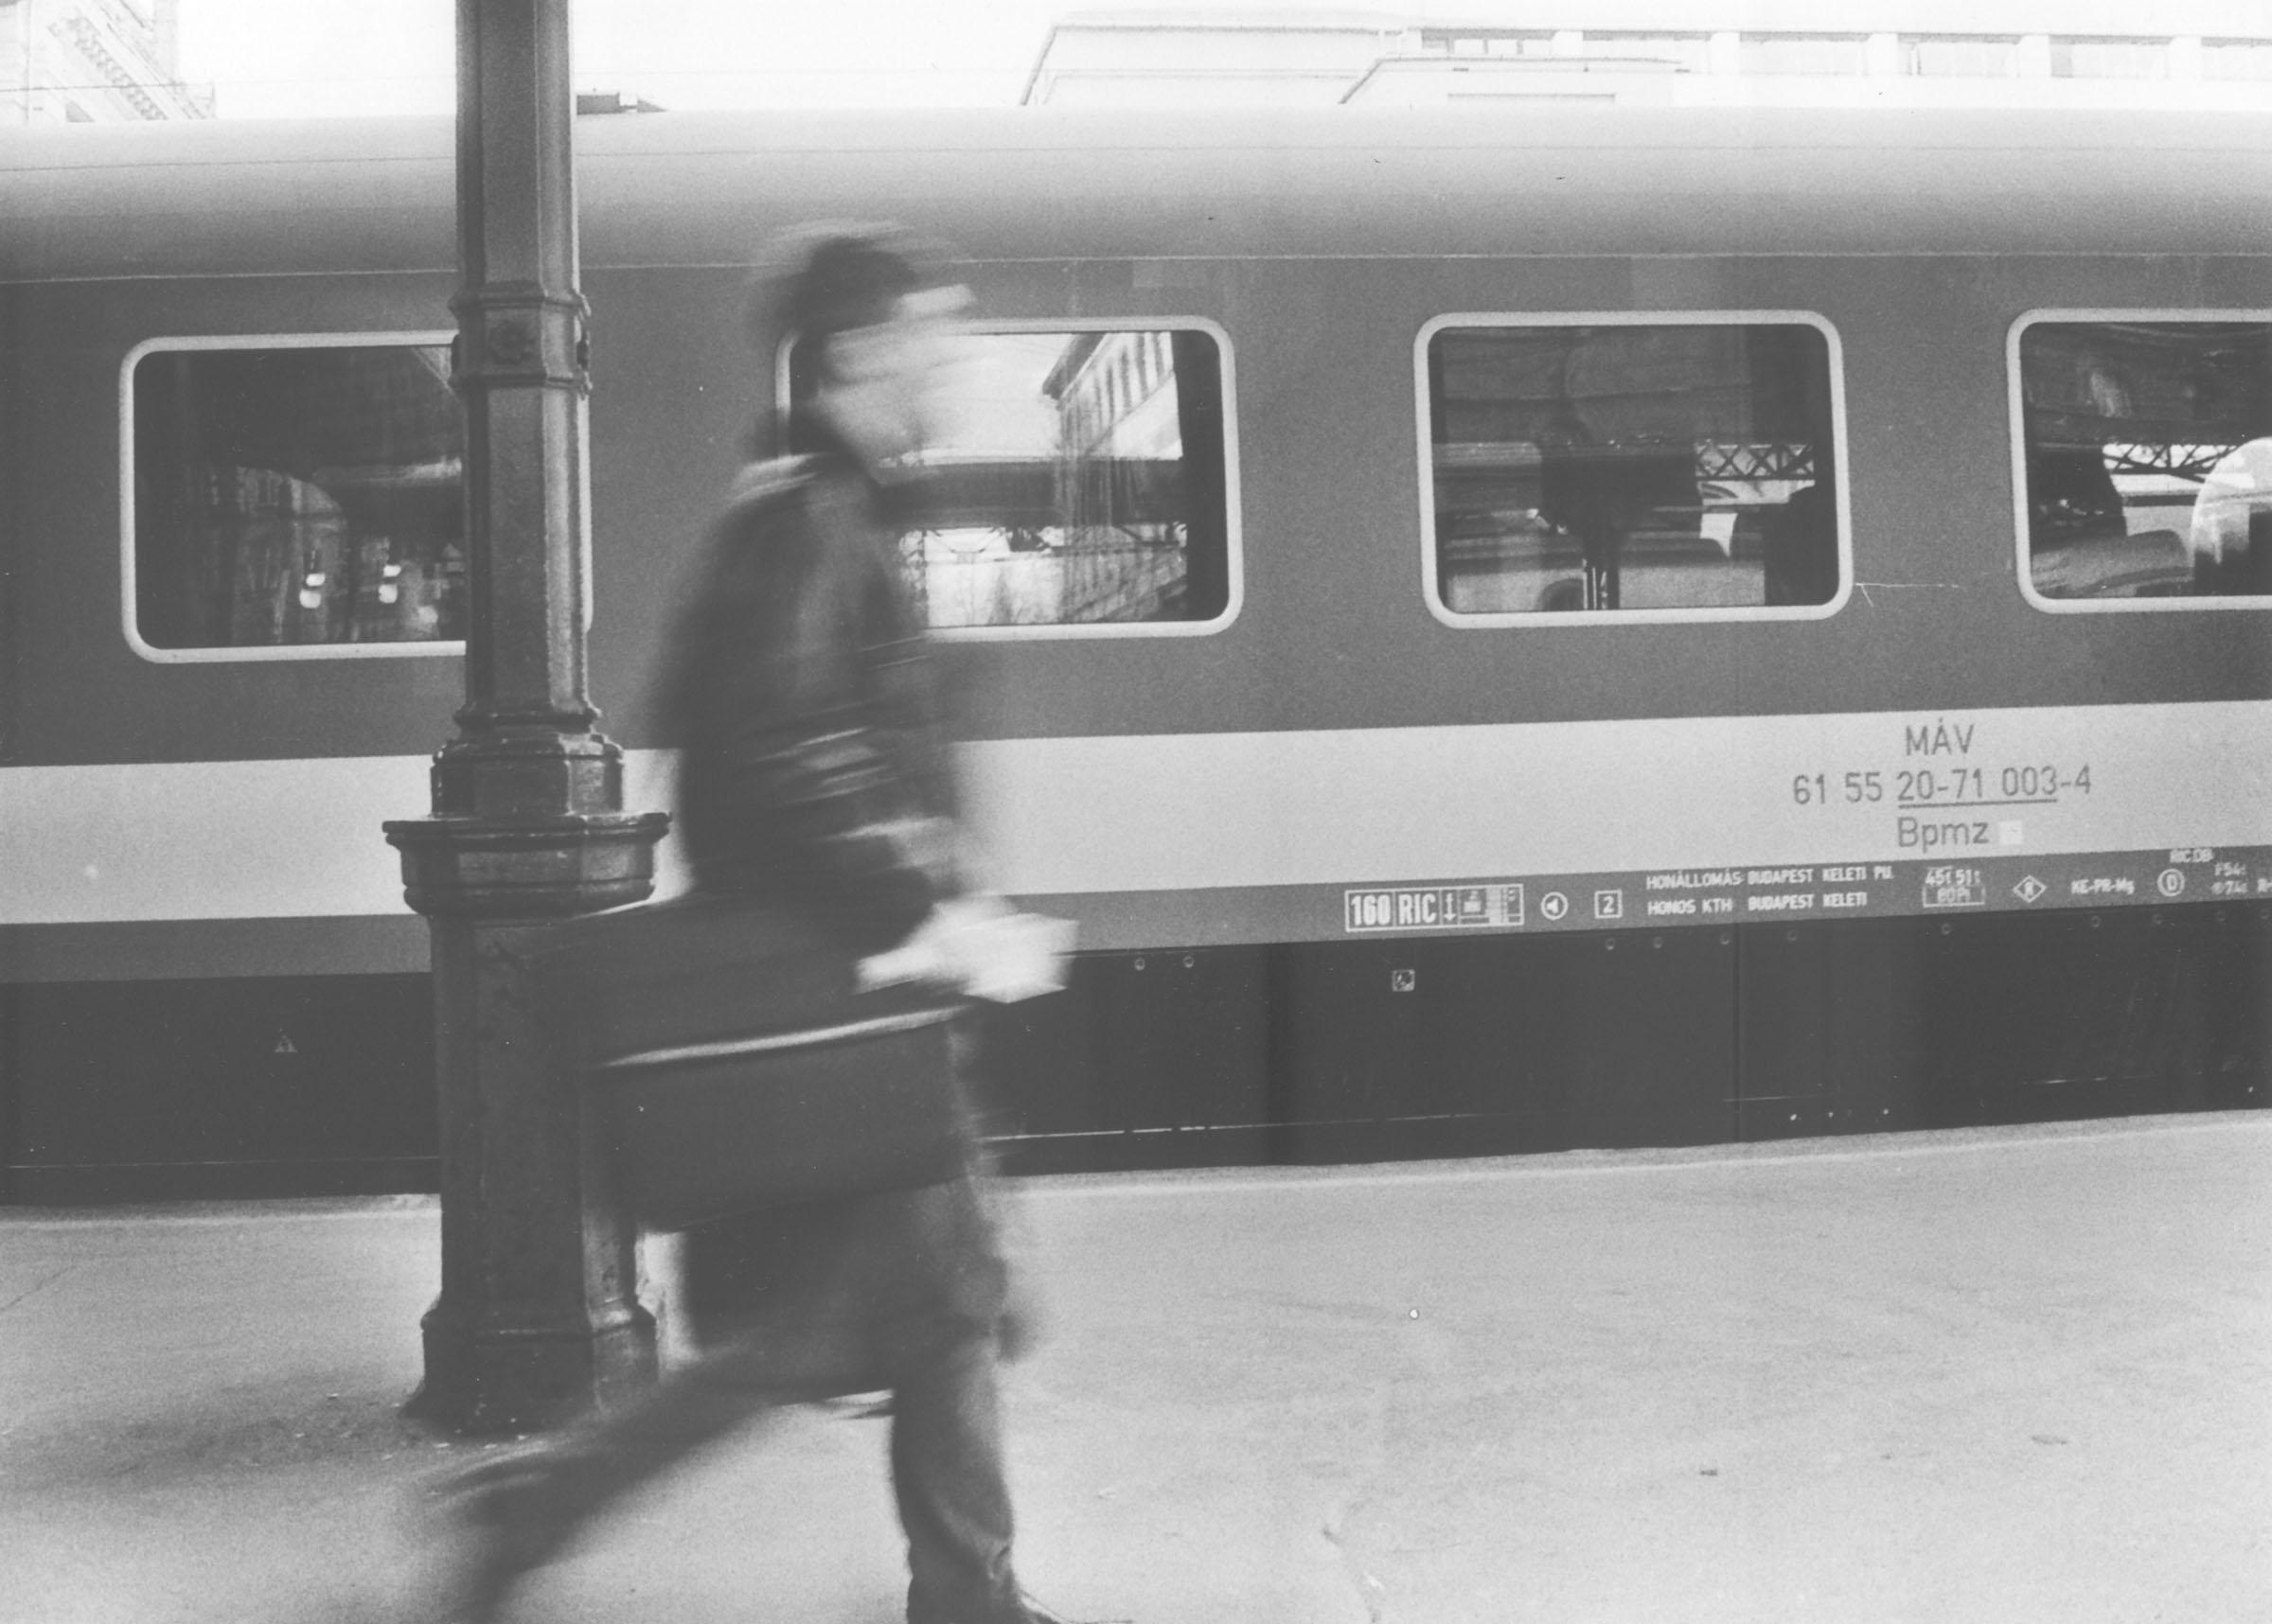 2004.09.18. Hétköznapok fotópályázat - Sárközi Péter - Lekésem kj.jpg